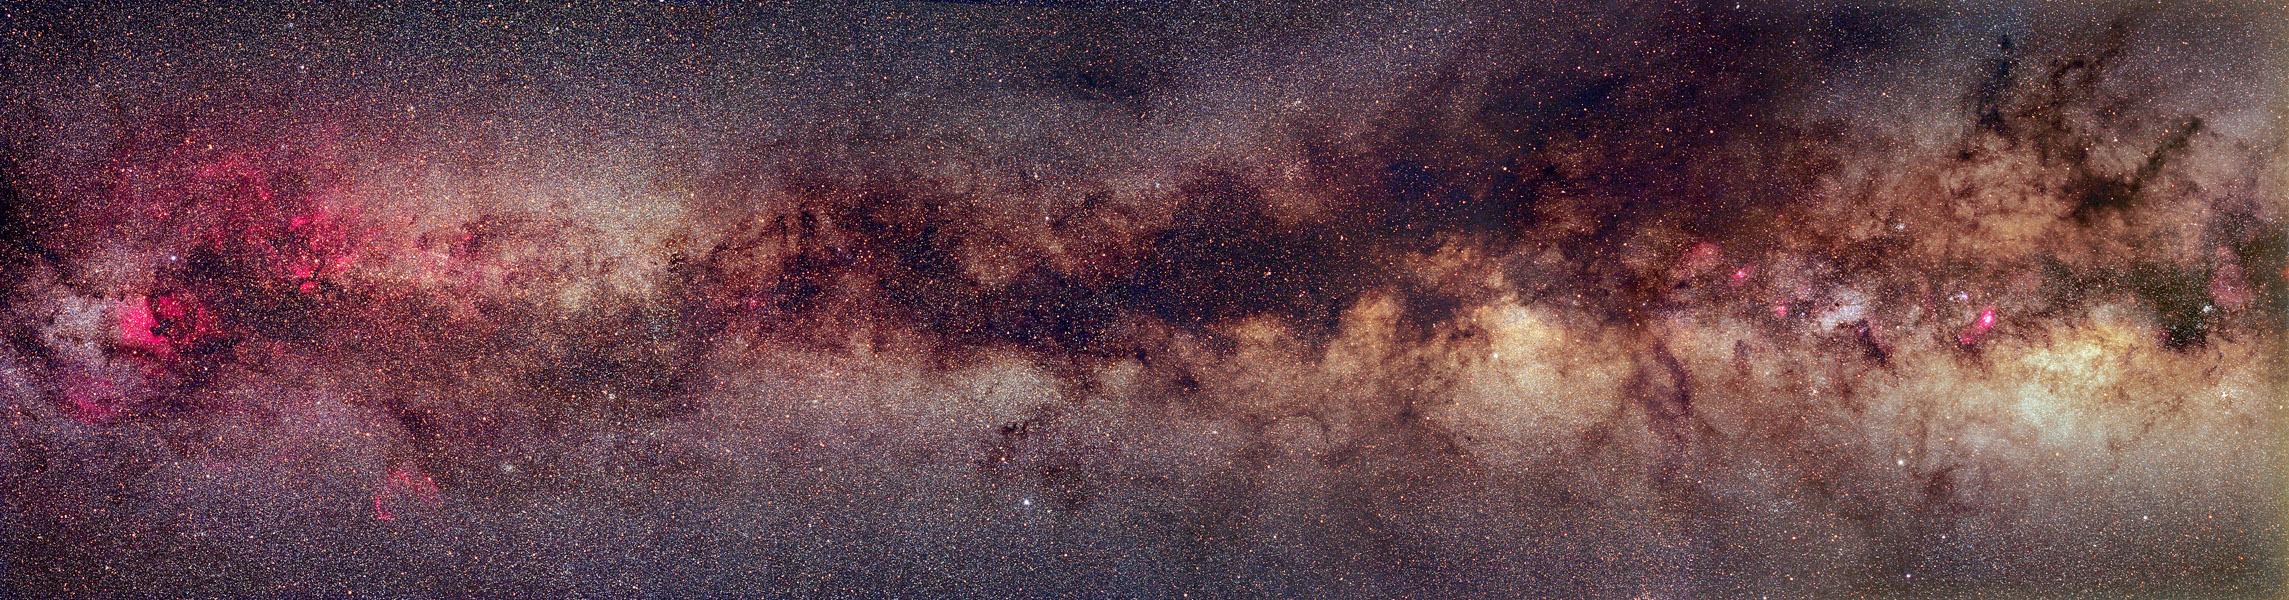 Una tira de la Vía Láctea